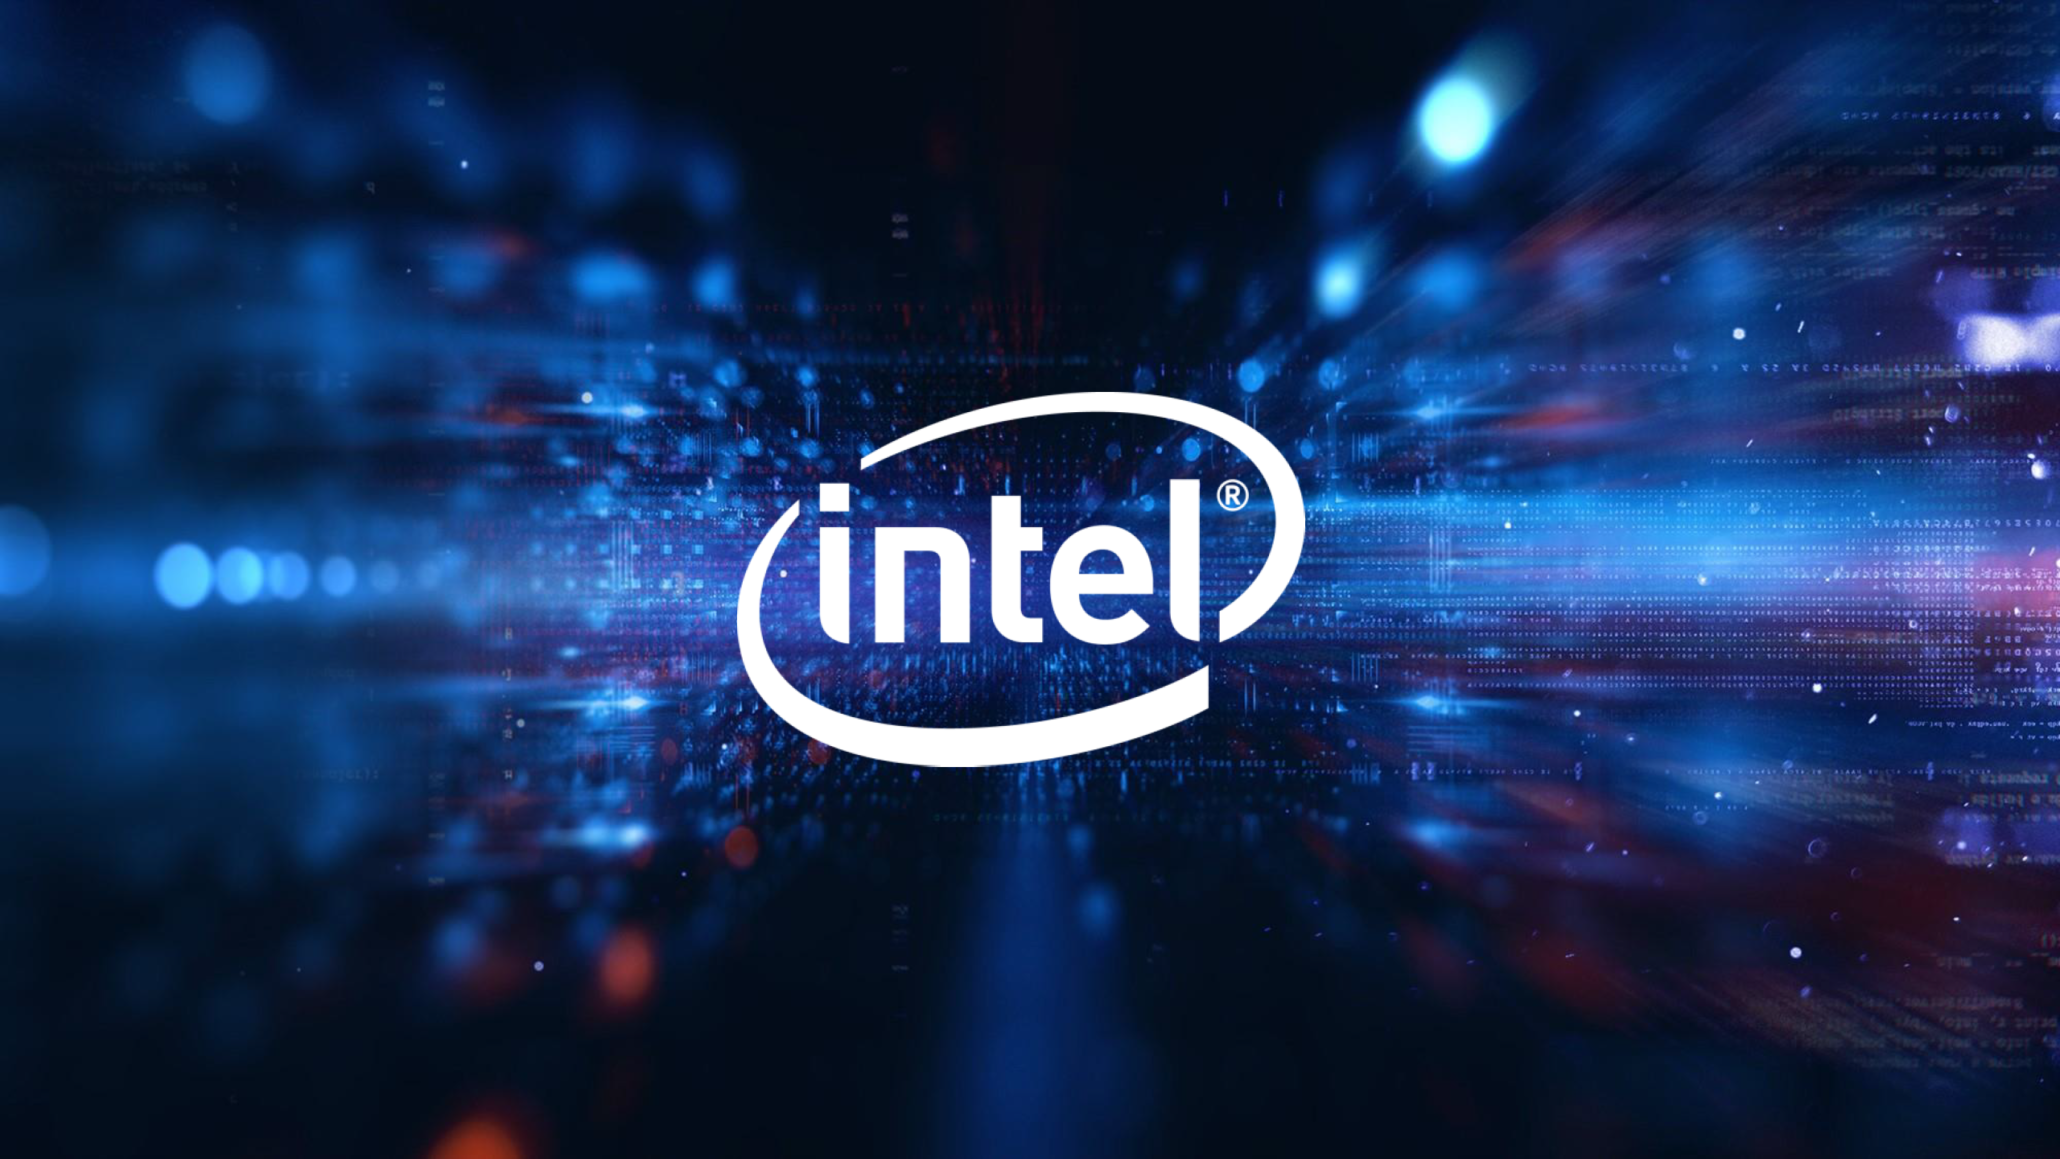 Просочились окончательные технические характеристики и цены для всех будущих процессоров Intel Comet Lake-S